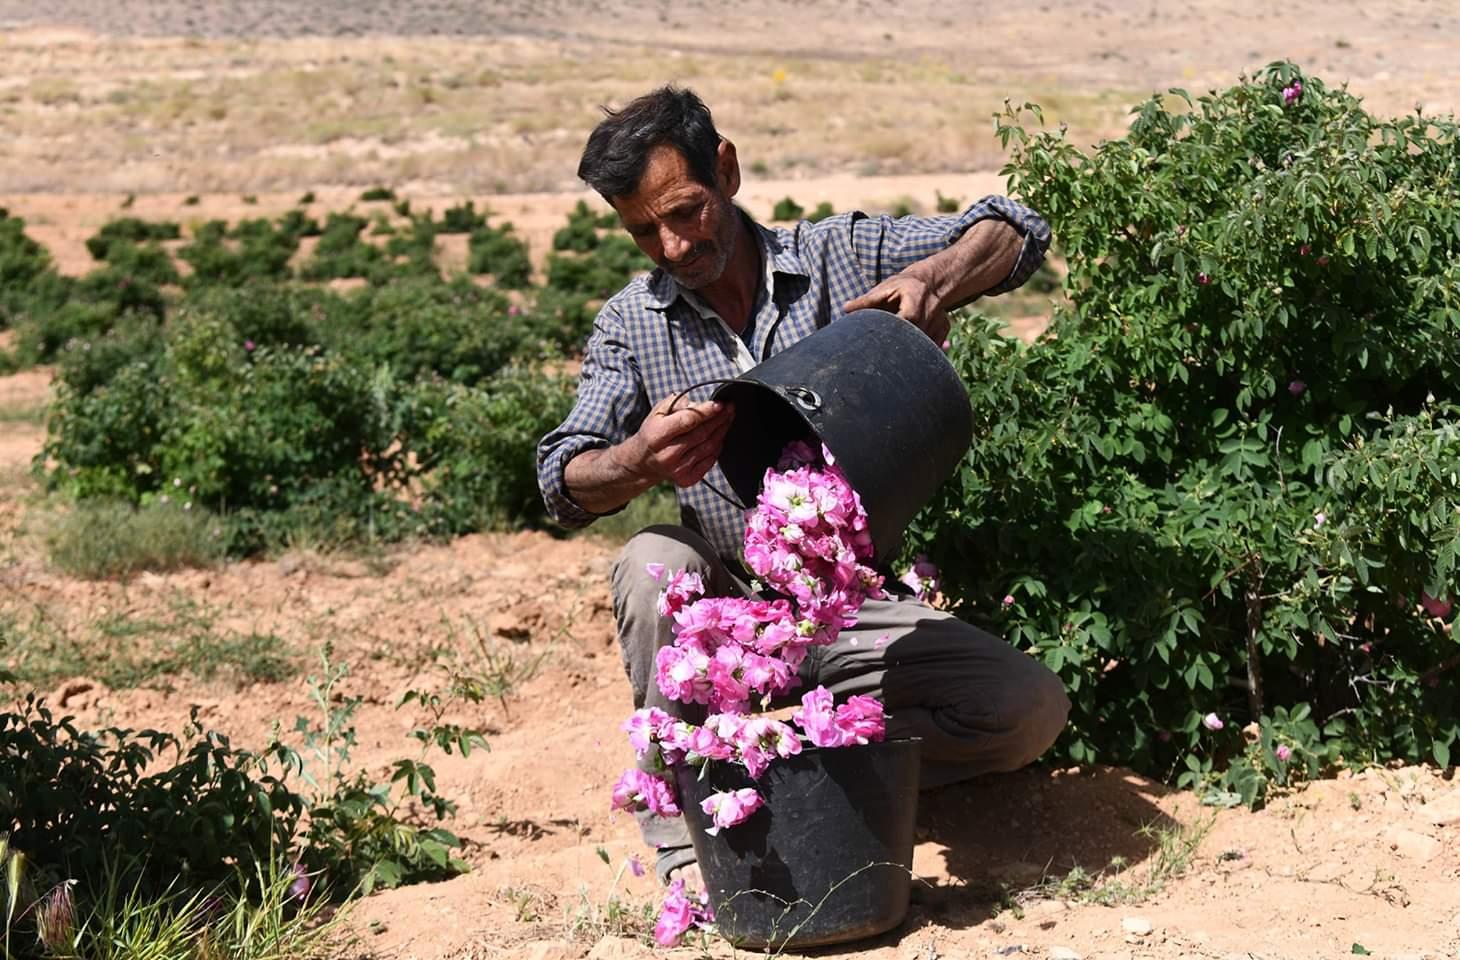 رجل سوري يشارك في عملية قطف الوردة الدمشقية أو كما تعرف باسمها الشائع الوردة الجورية في بلدة المرح، شمالي العاصمة دمشق، سوريا، في 27 مايو 2020.